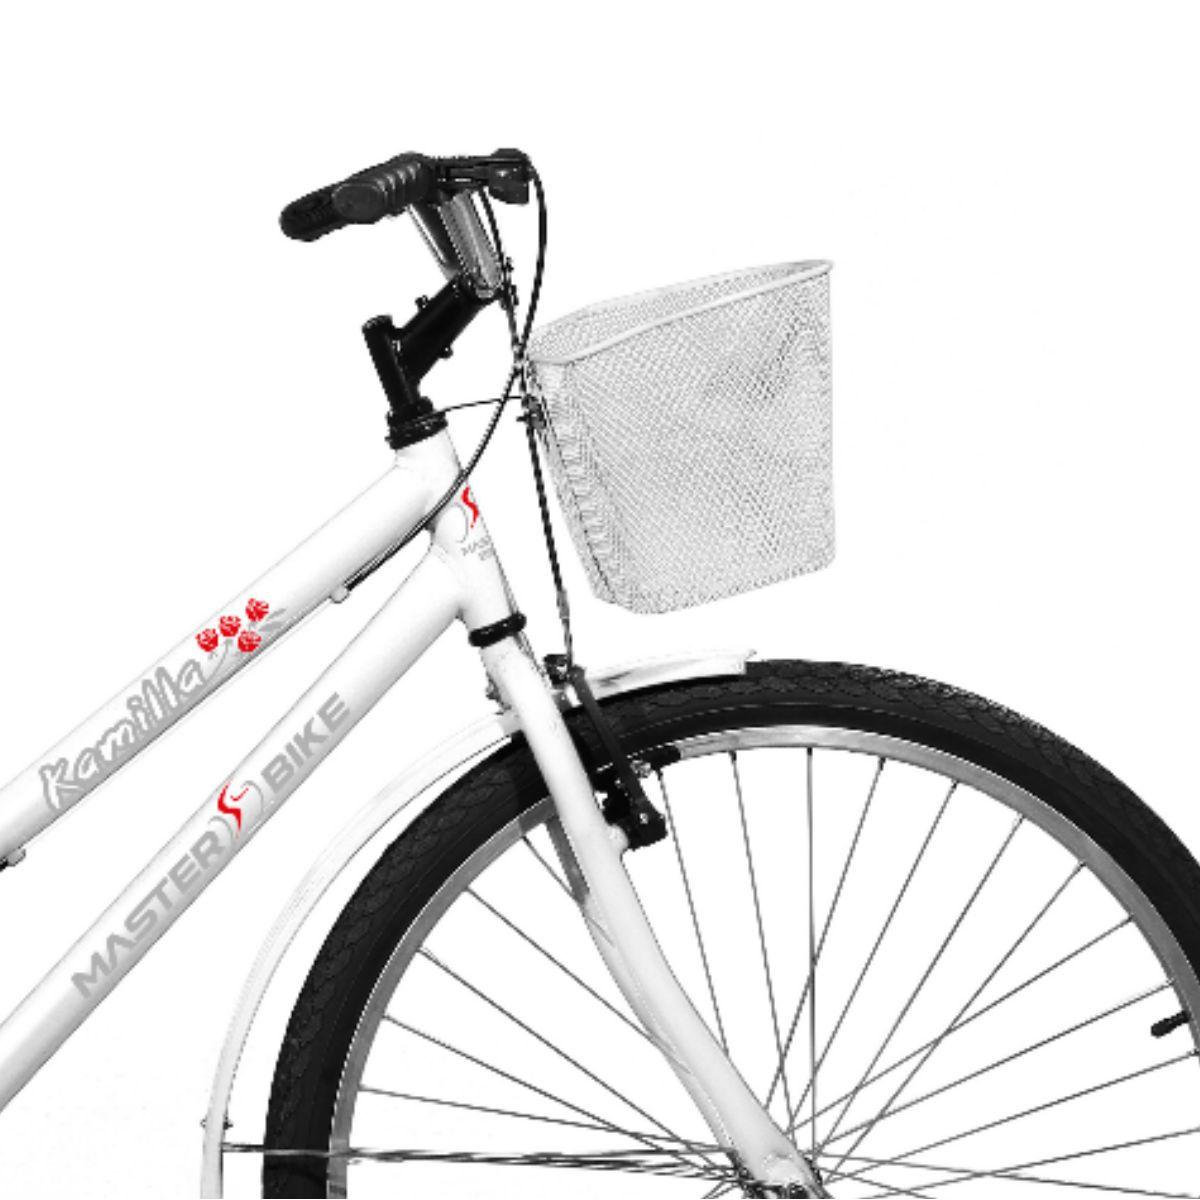 Bicicleta Master Bike Aro 26 Kamilla Freio V-Brake c/ Cesta Branco